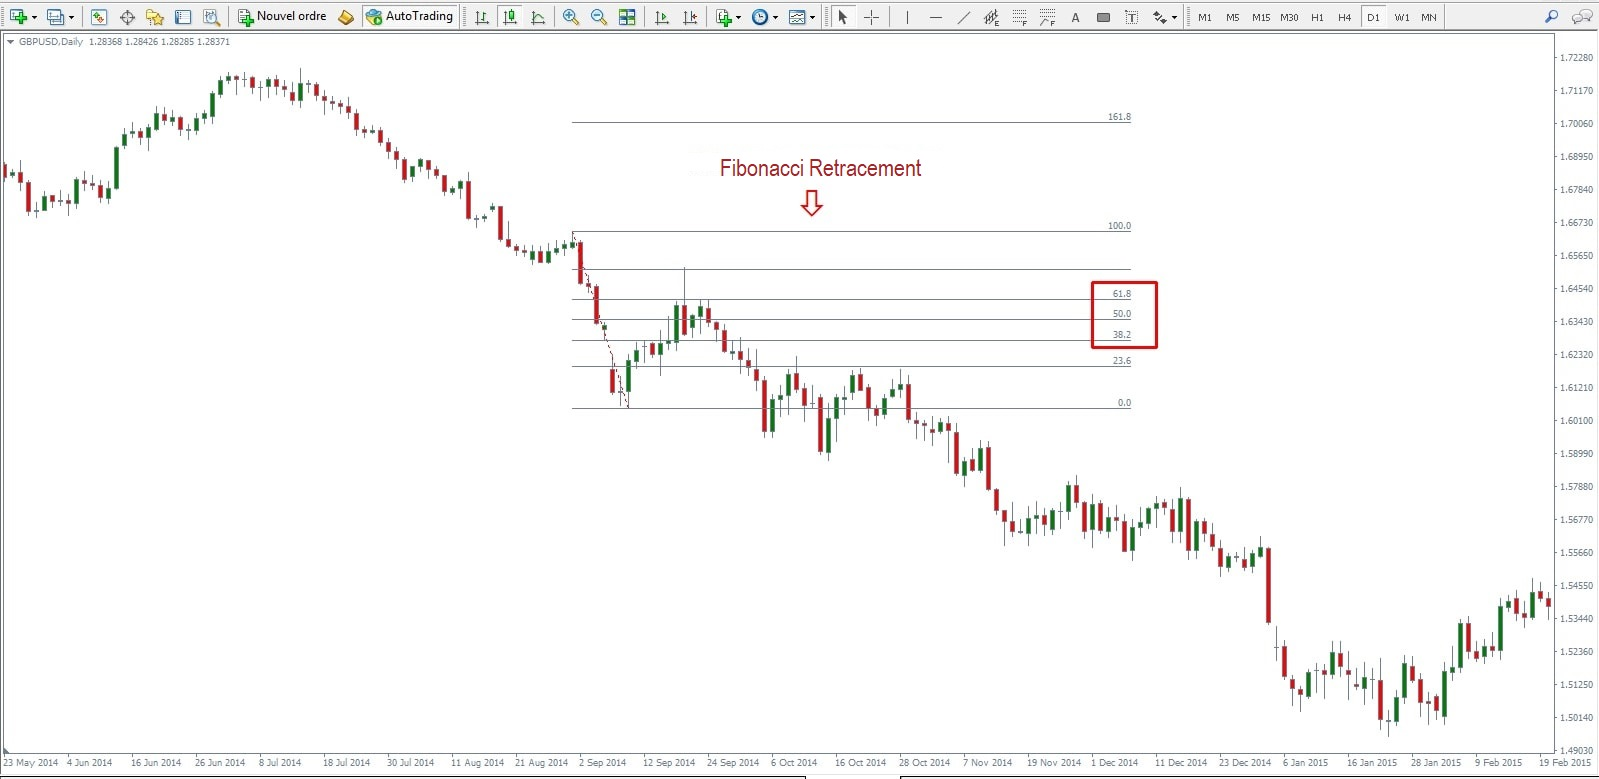 cum se utilizează nivelurile de retragere a Fibonacci diferența de opțiuni de schimb